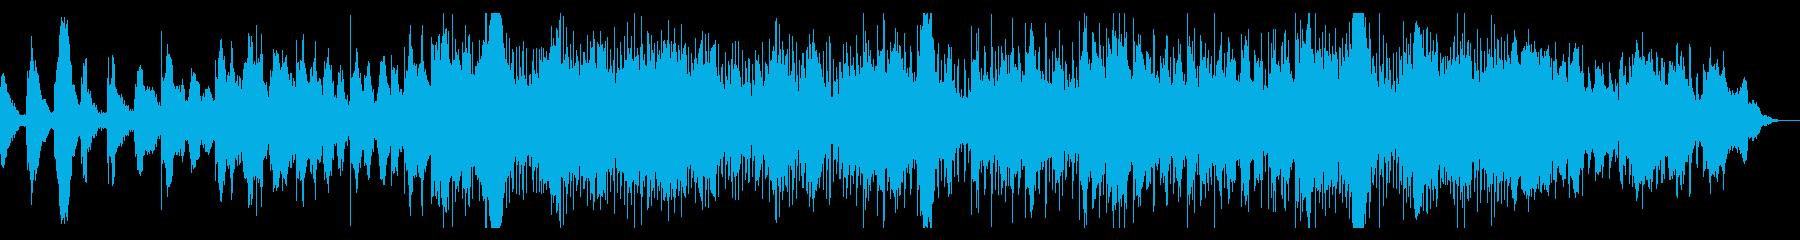 幻想的なアンビエントIDMの再生済みの波形